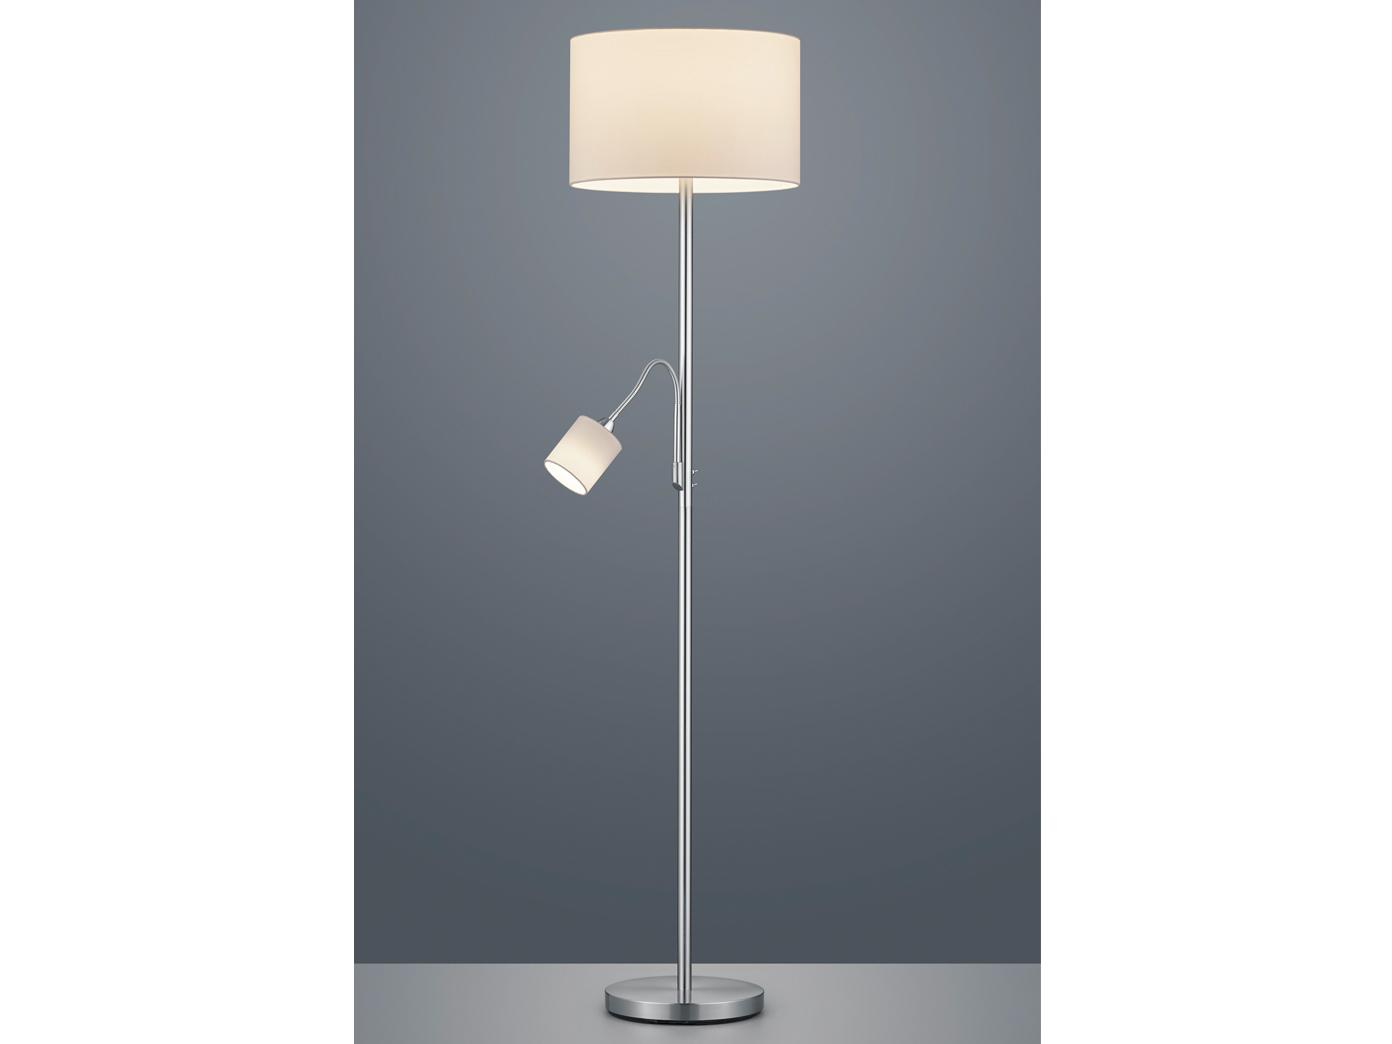 Wohnzimmer Stehlampe Led